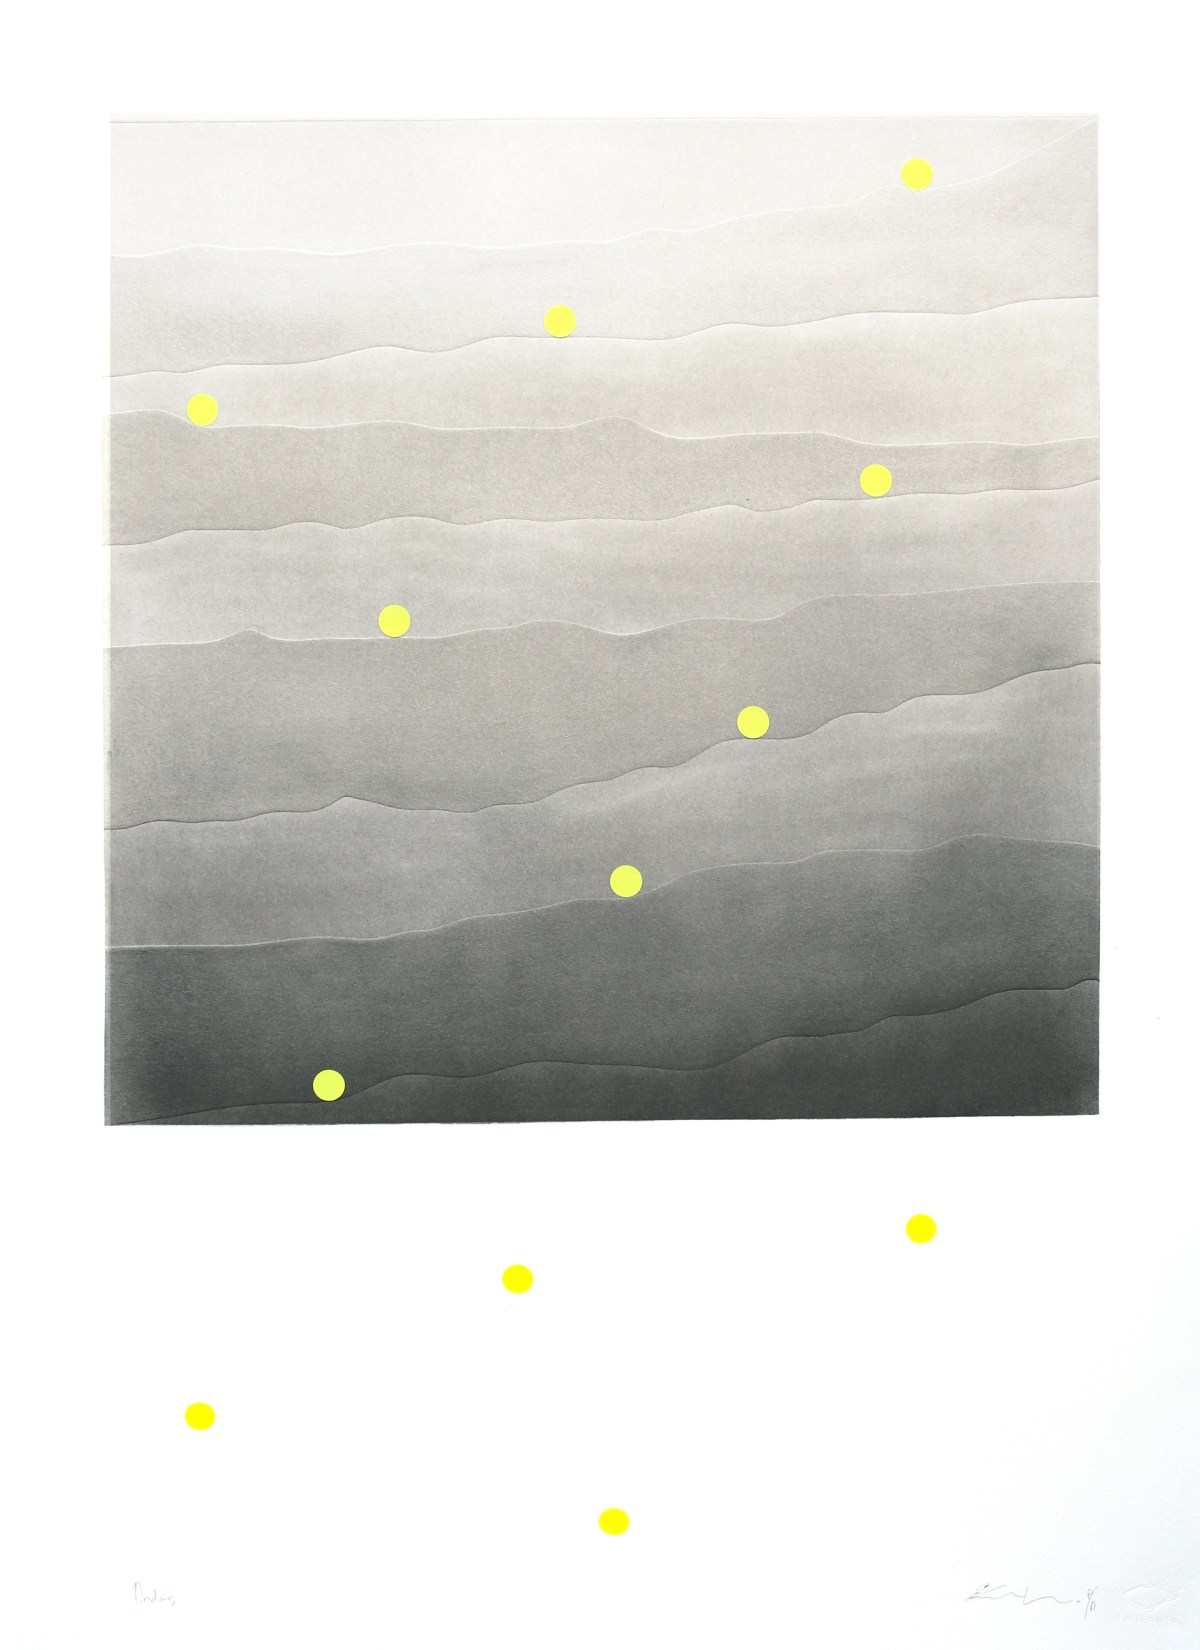 Carlos Vielma. Ondas, 112 x 88 cm, detalle de obra sin marco